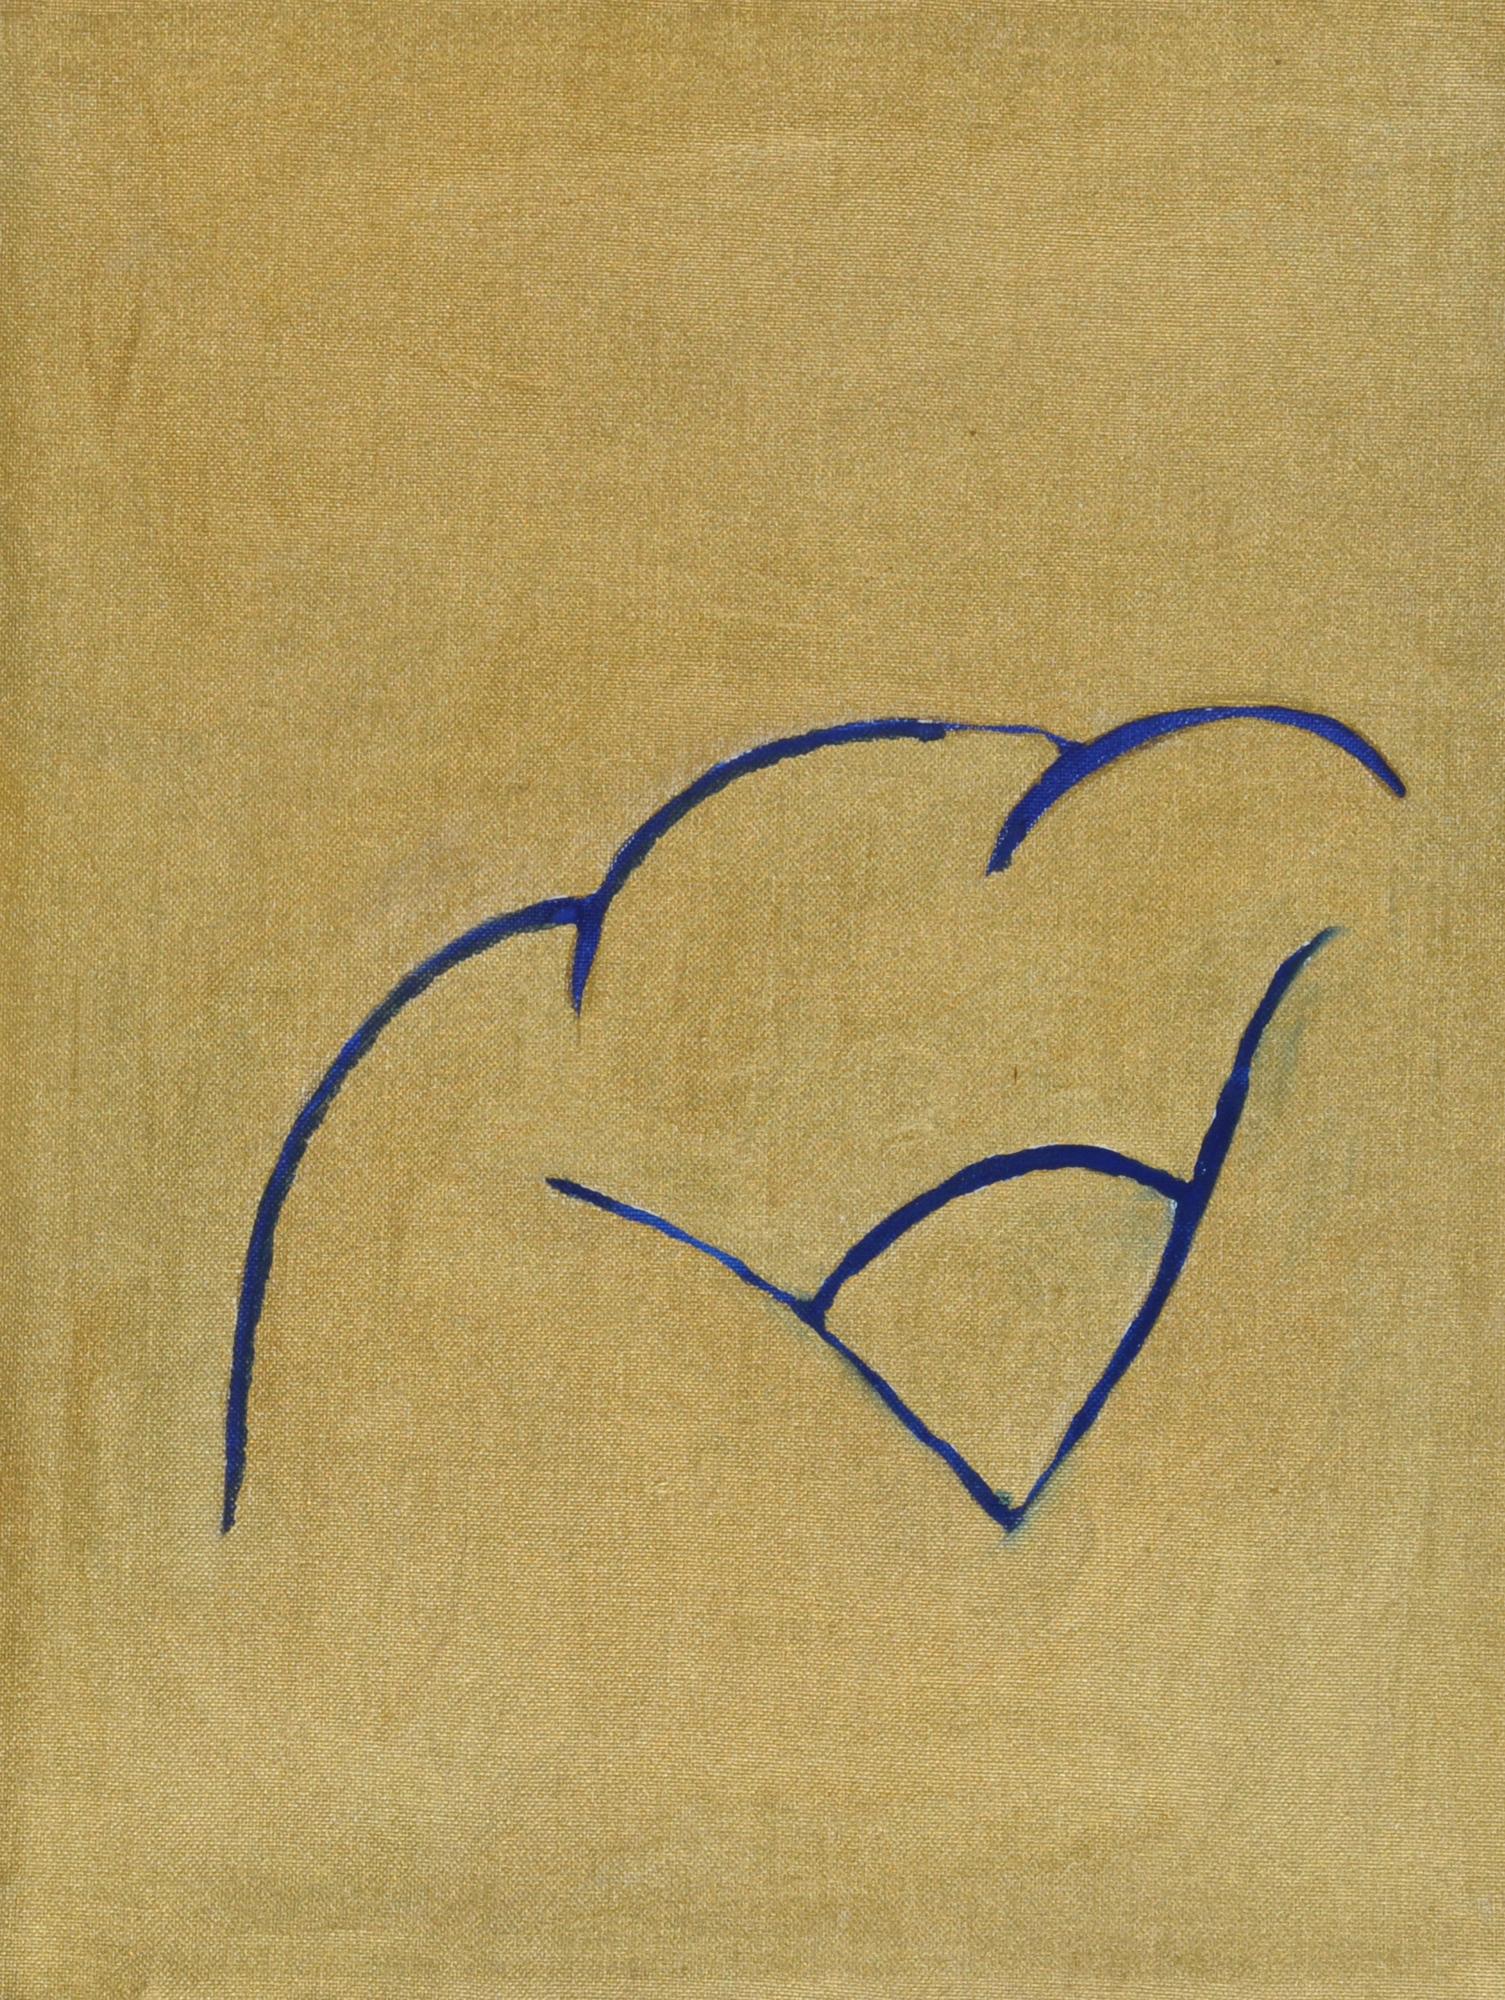 Eigenheer Marianne, 4 paintings: Untitled